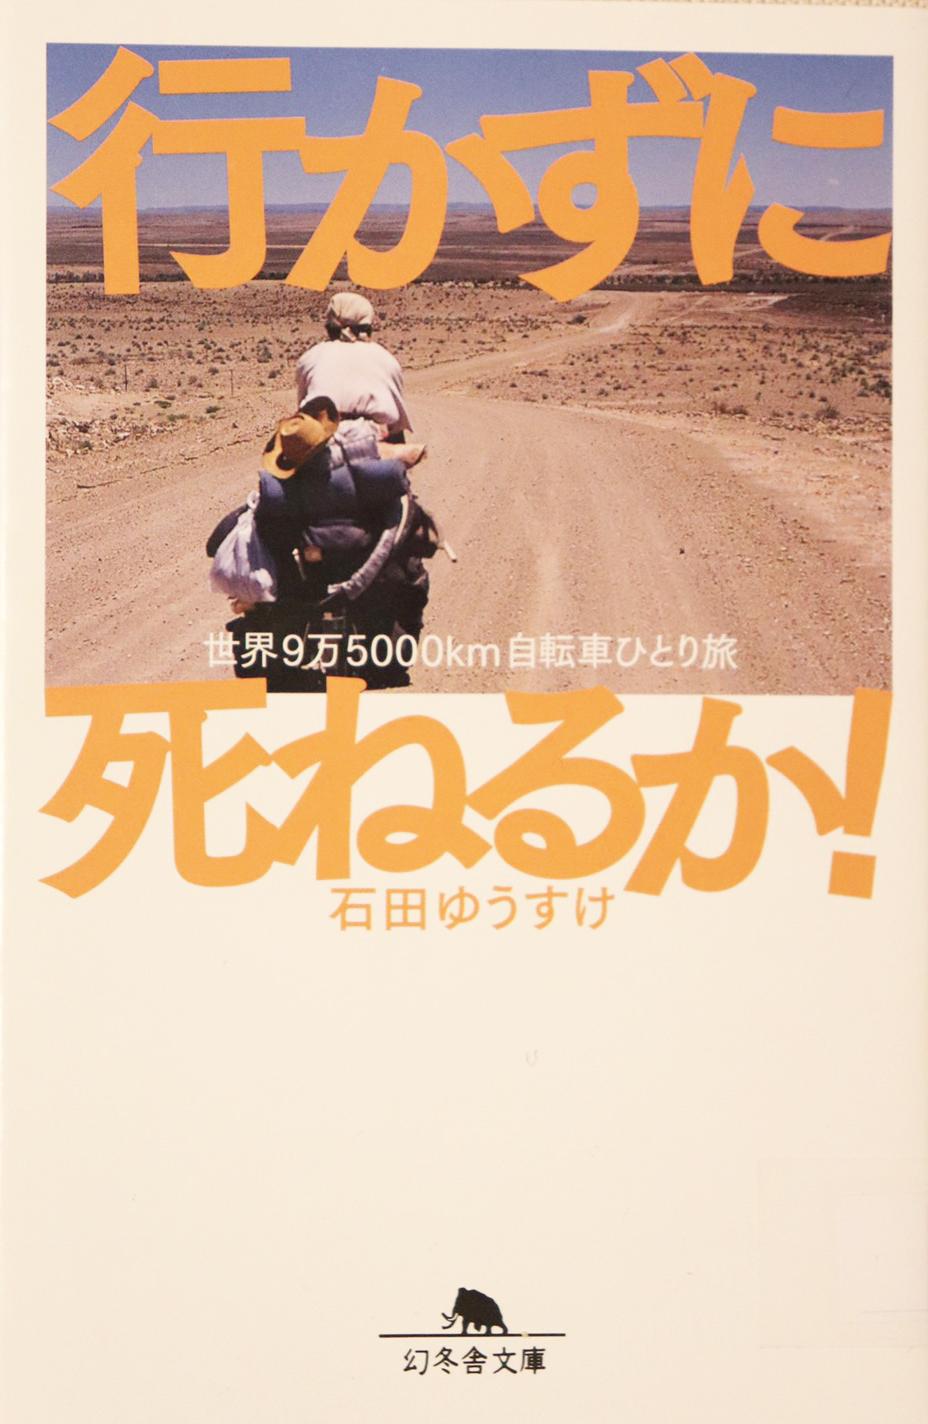 著者:石田ゆうすけ/出版社:幻冬舎文庫